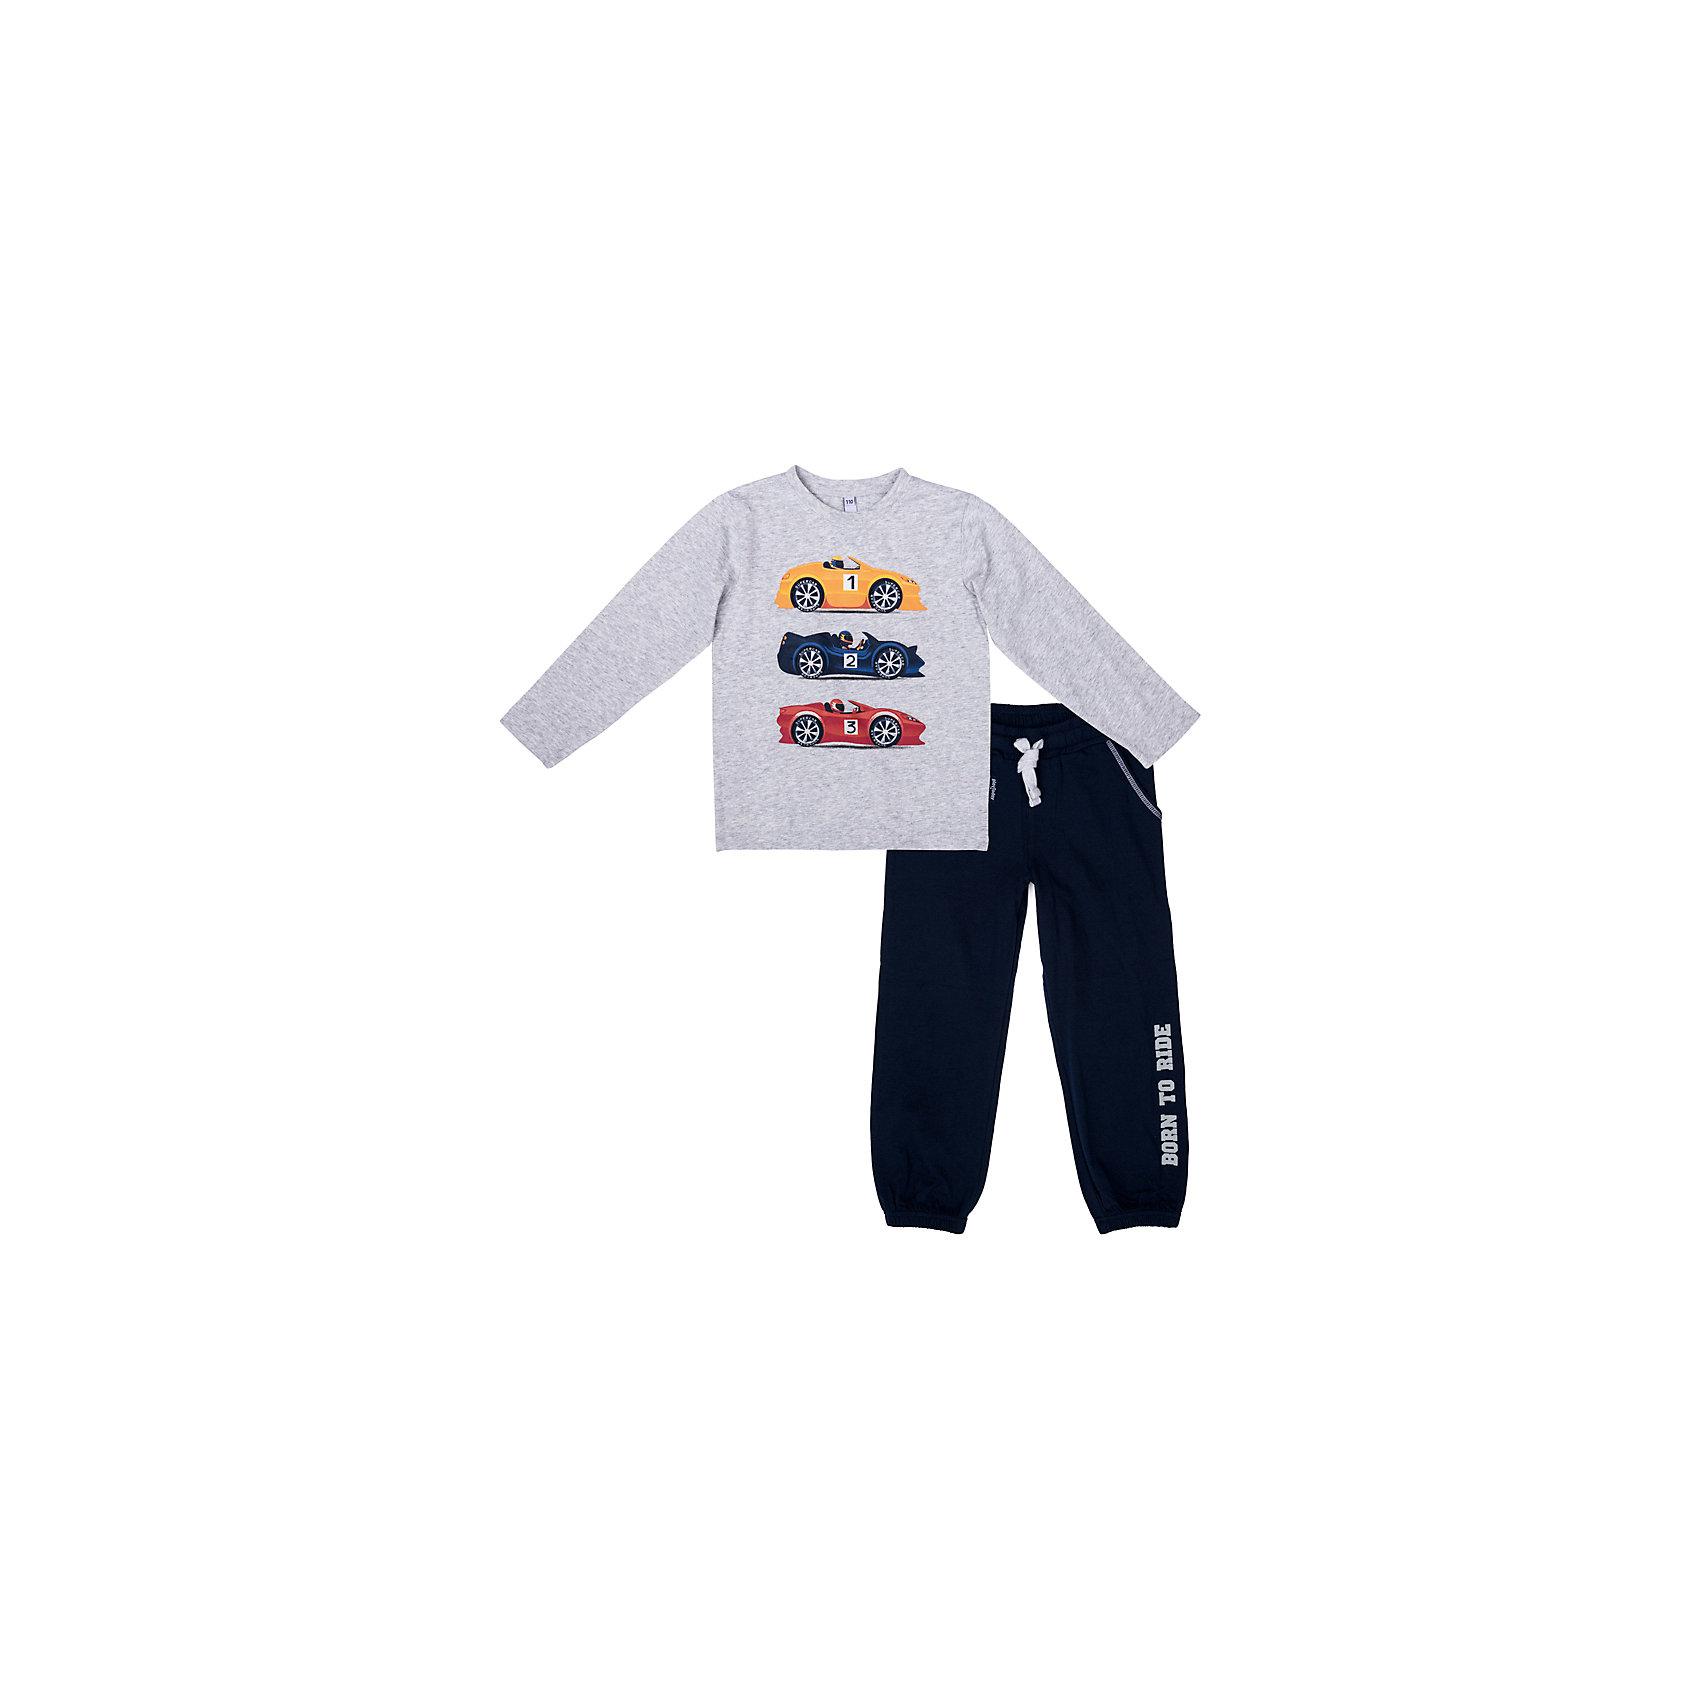 Комплект: футболка с длинным рукавом и брюки PlayToday для мальчикаКомплекты<br>Комплект: футболка с длинным рукавом и брюки PlayToday для мальчика<br>Комплект из футболки с длинным рукавом и брюк. Пояс брюк на широкой резинке, дополнен регулируемым шнуром - кулиской. Футболка декорирована ярким принтом. Низ штанин на мягких резинках. Свободный крой не сковывает движений ребенка.<br>Состав:<br>95% хлопок, 5% эластан<br><br>Ширина мм: 230<br>Глубина мм: 40<br>Высота мм: 220<br>Вес г: 250<br>Цвет: белый<br>Возраст от месяцев: 84<br>Возраст до месяцев: 96<br>Пол: Мужской<br>Возраст: Детский<br>Размер: 128,98,104,110,116,122<br>SKU: 7111734